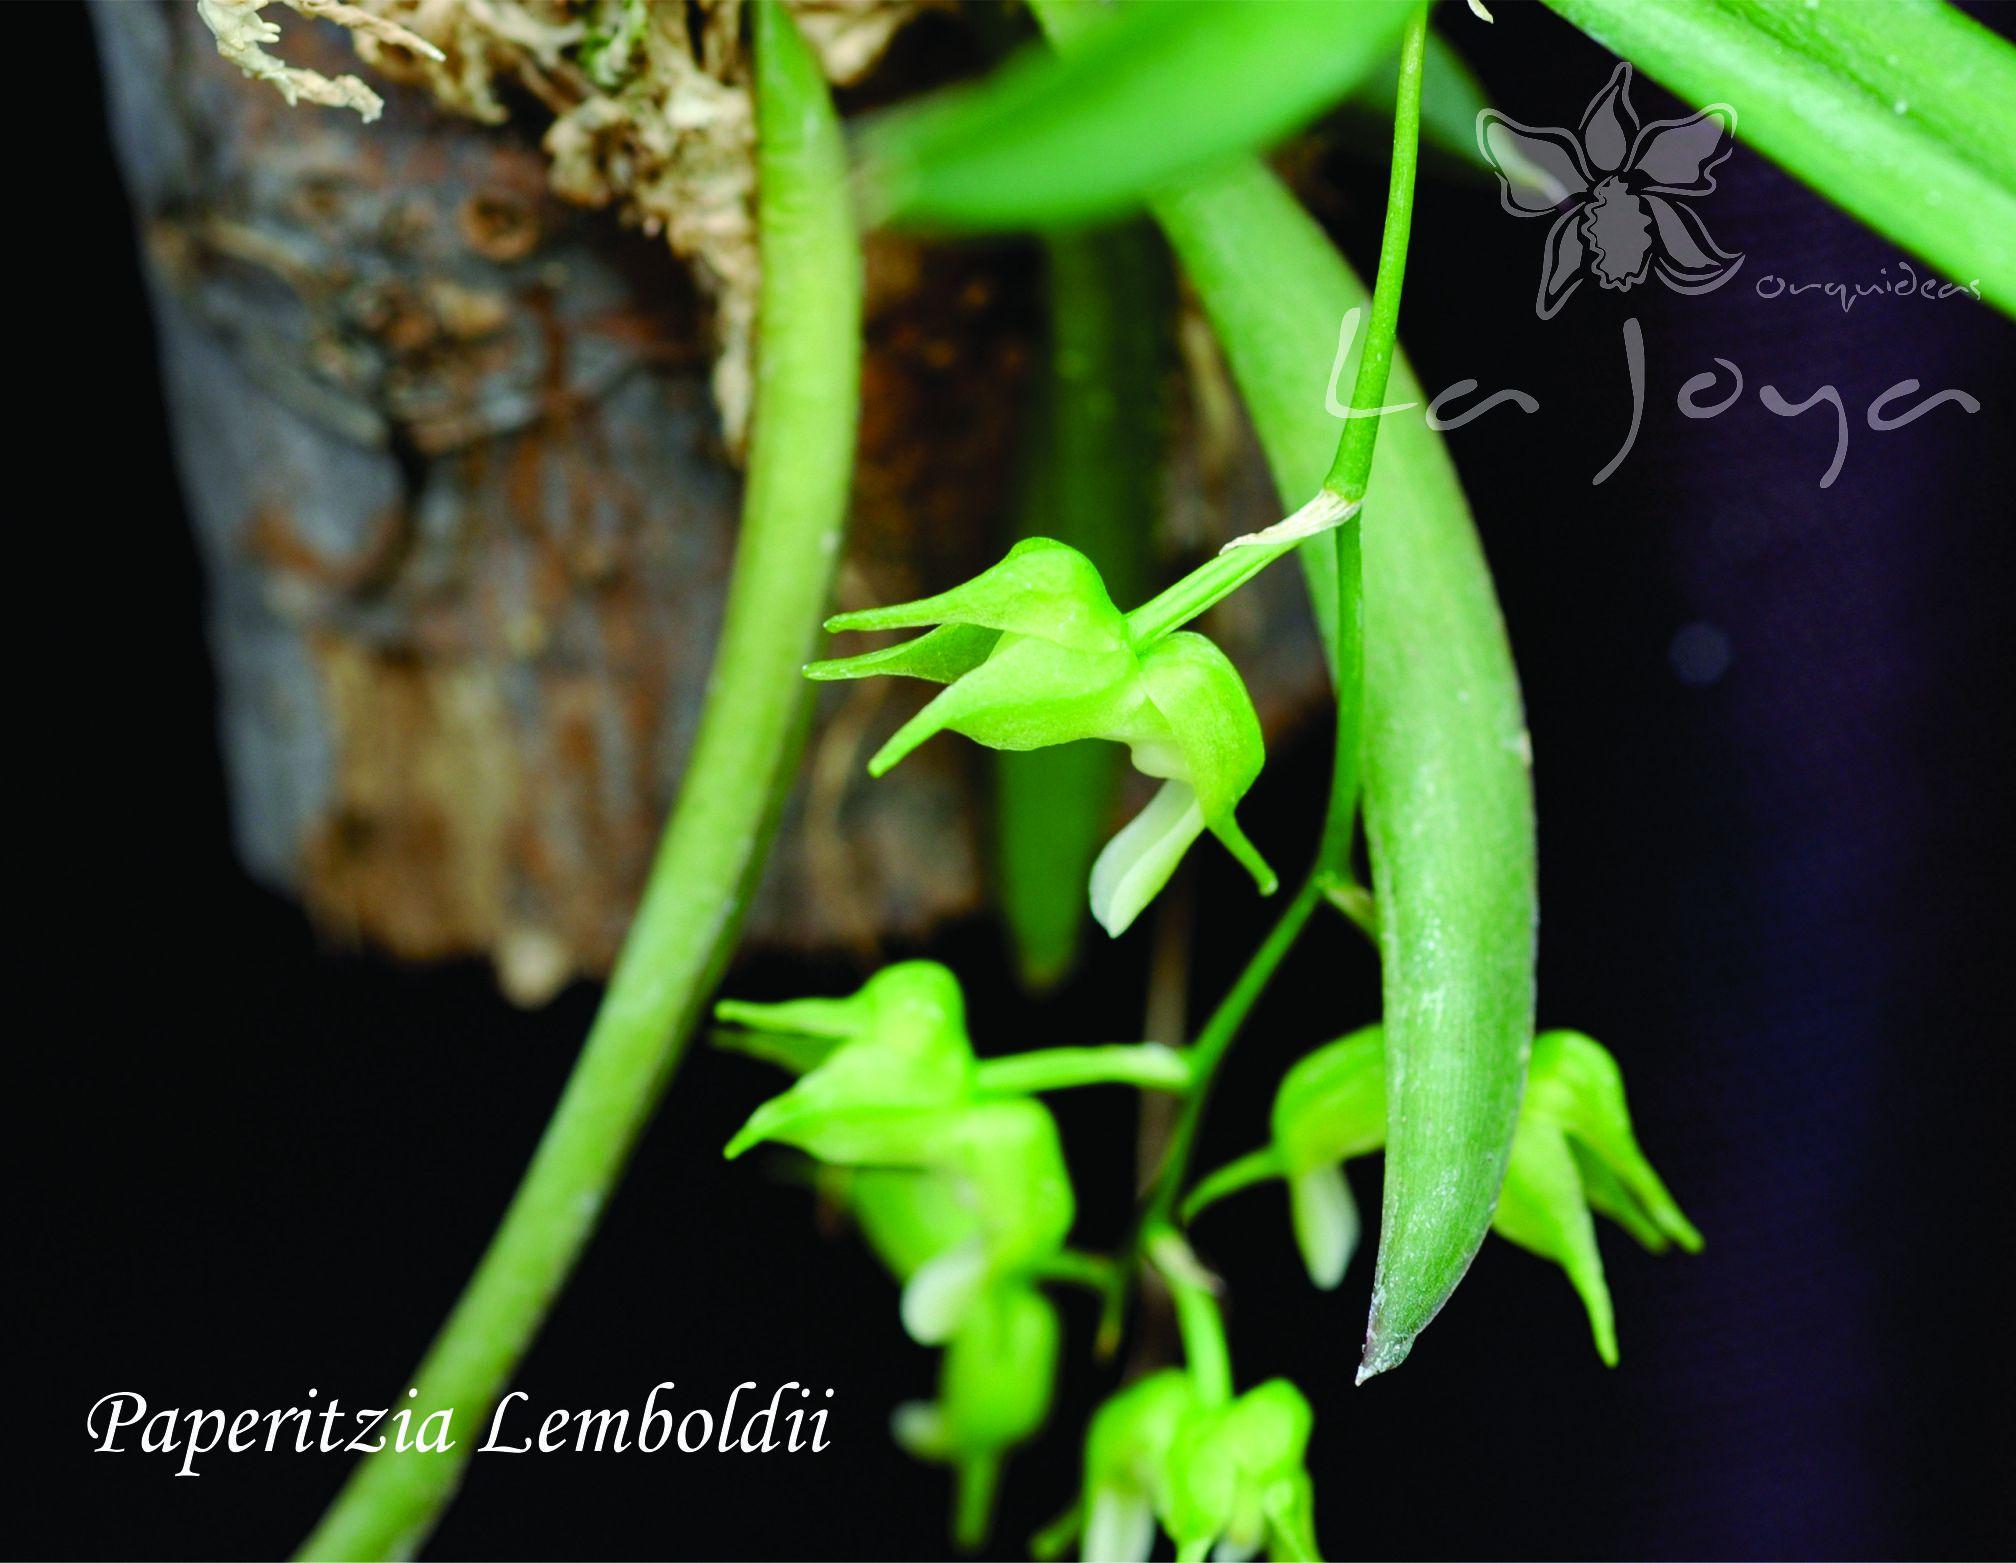 Paperitzia Lemboldii